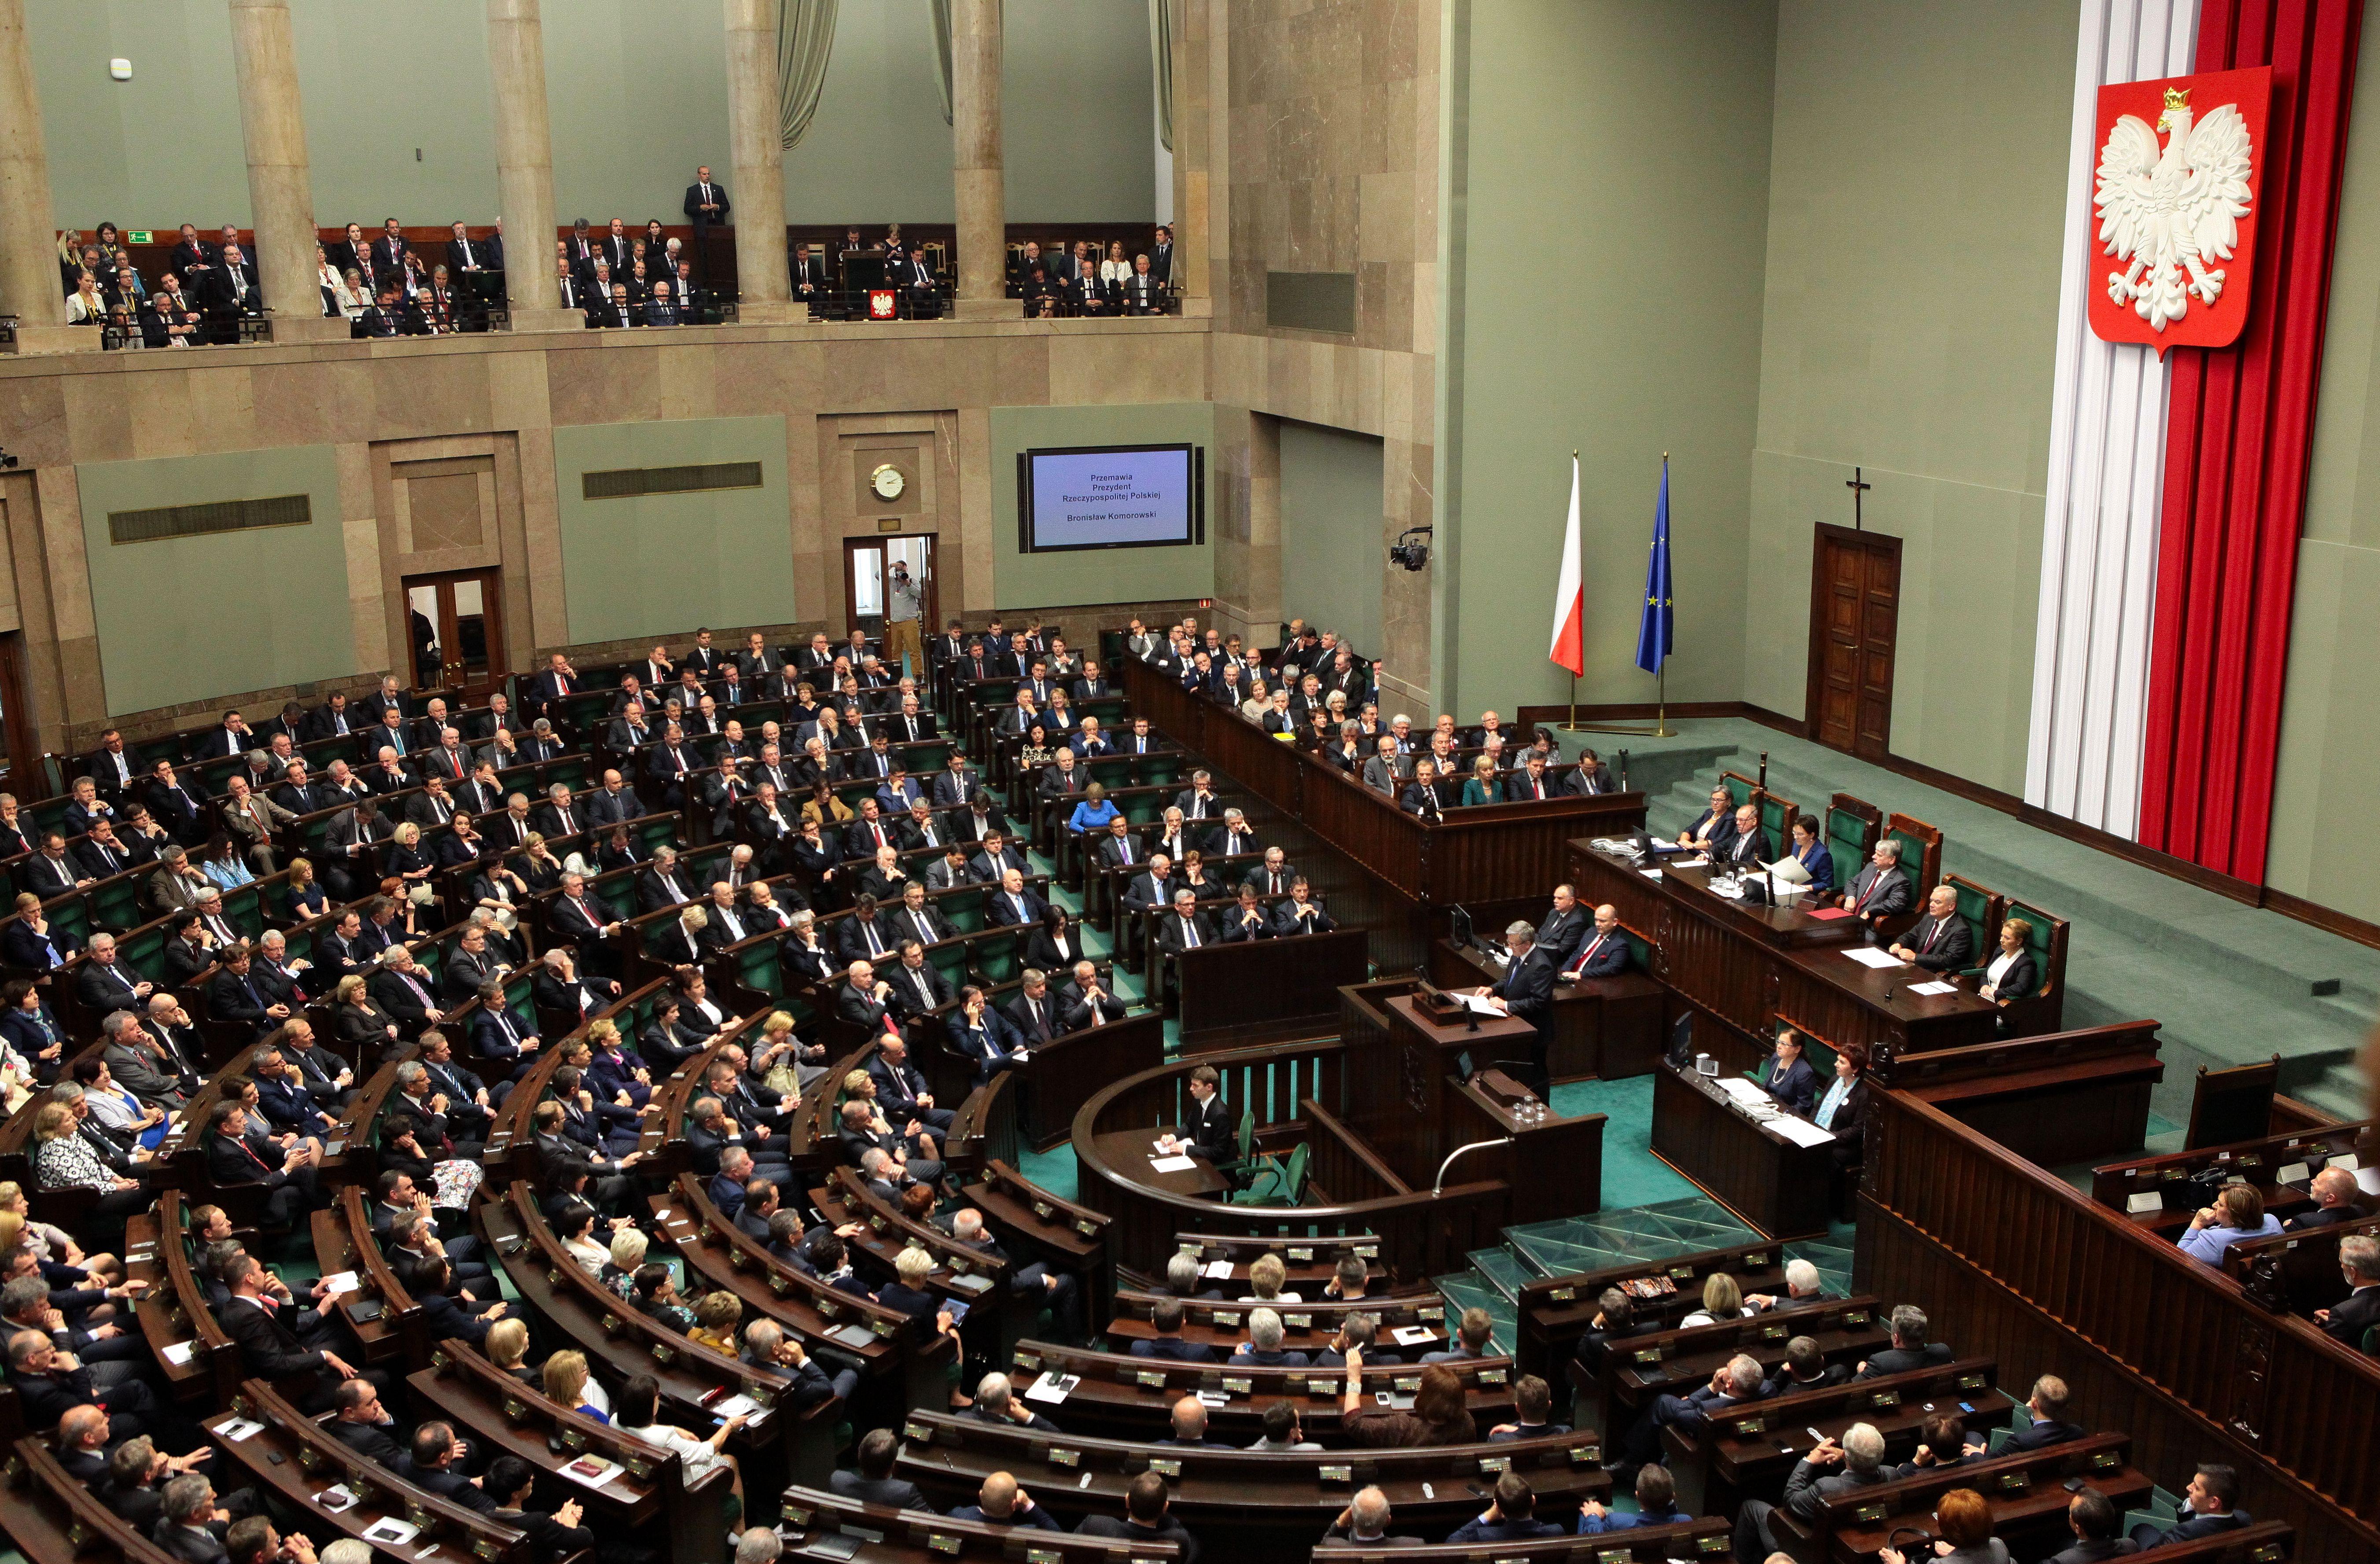 Im Sejm, einer Kammer des Parlaments, verfügt die PiS über die absolute Mehrheit (CC BY-SA 3.0 PL by Katarzyna Czerwińska).